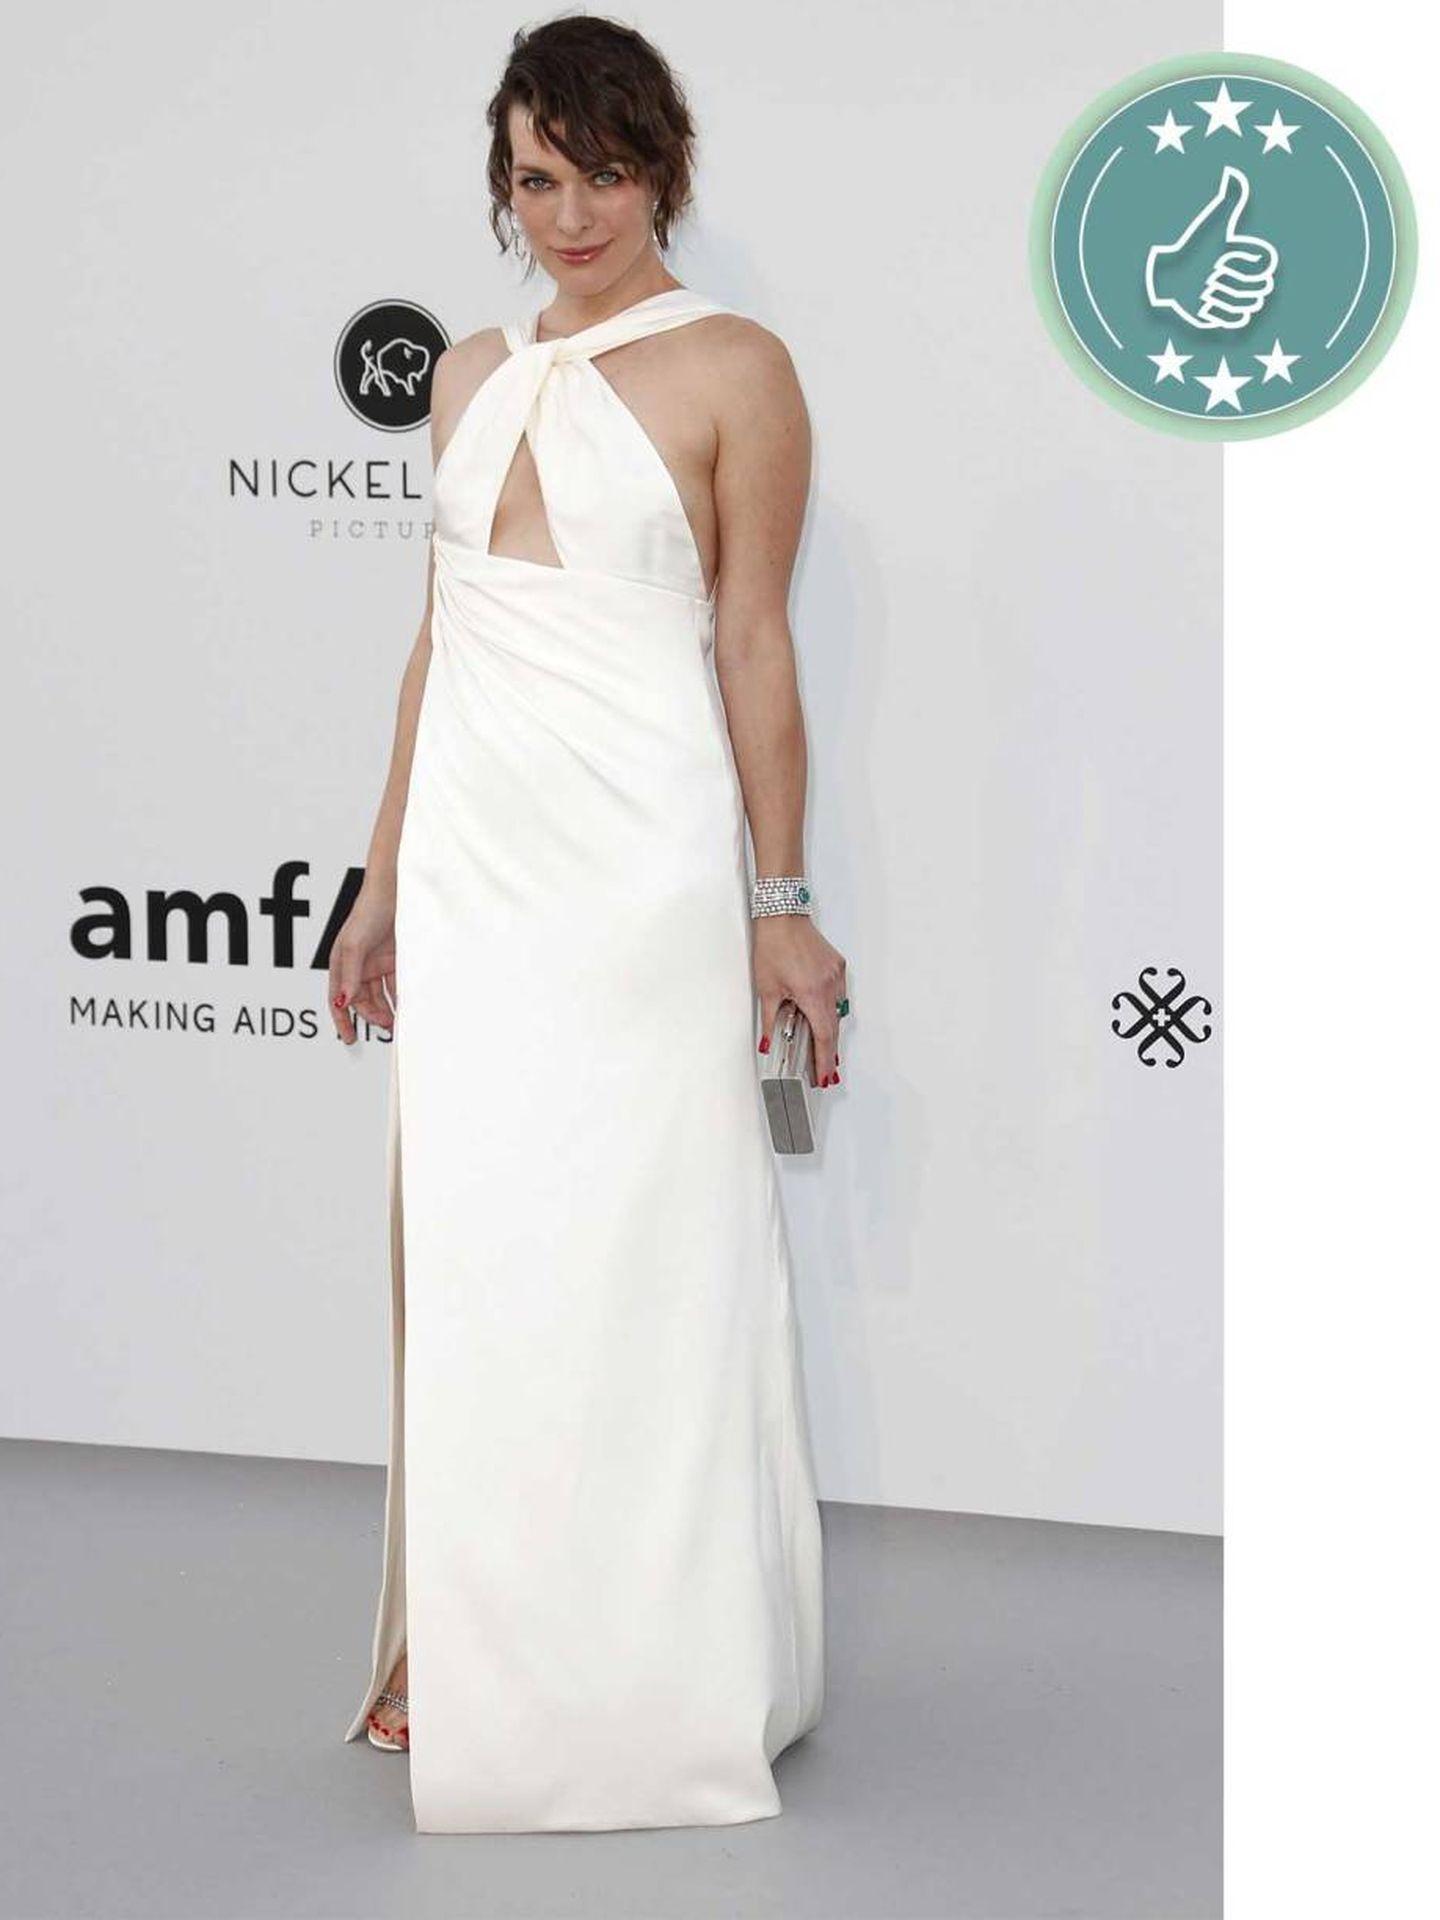 La actriz y modelo Milla Jovovich, espectacular con un vestido blanco. (EFE)